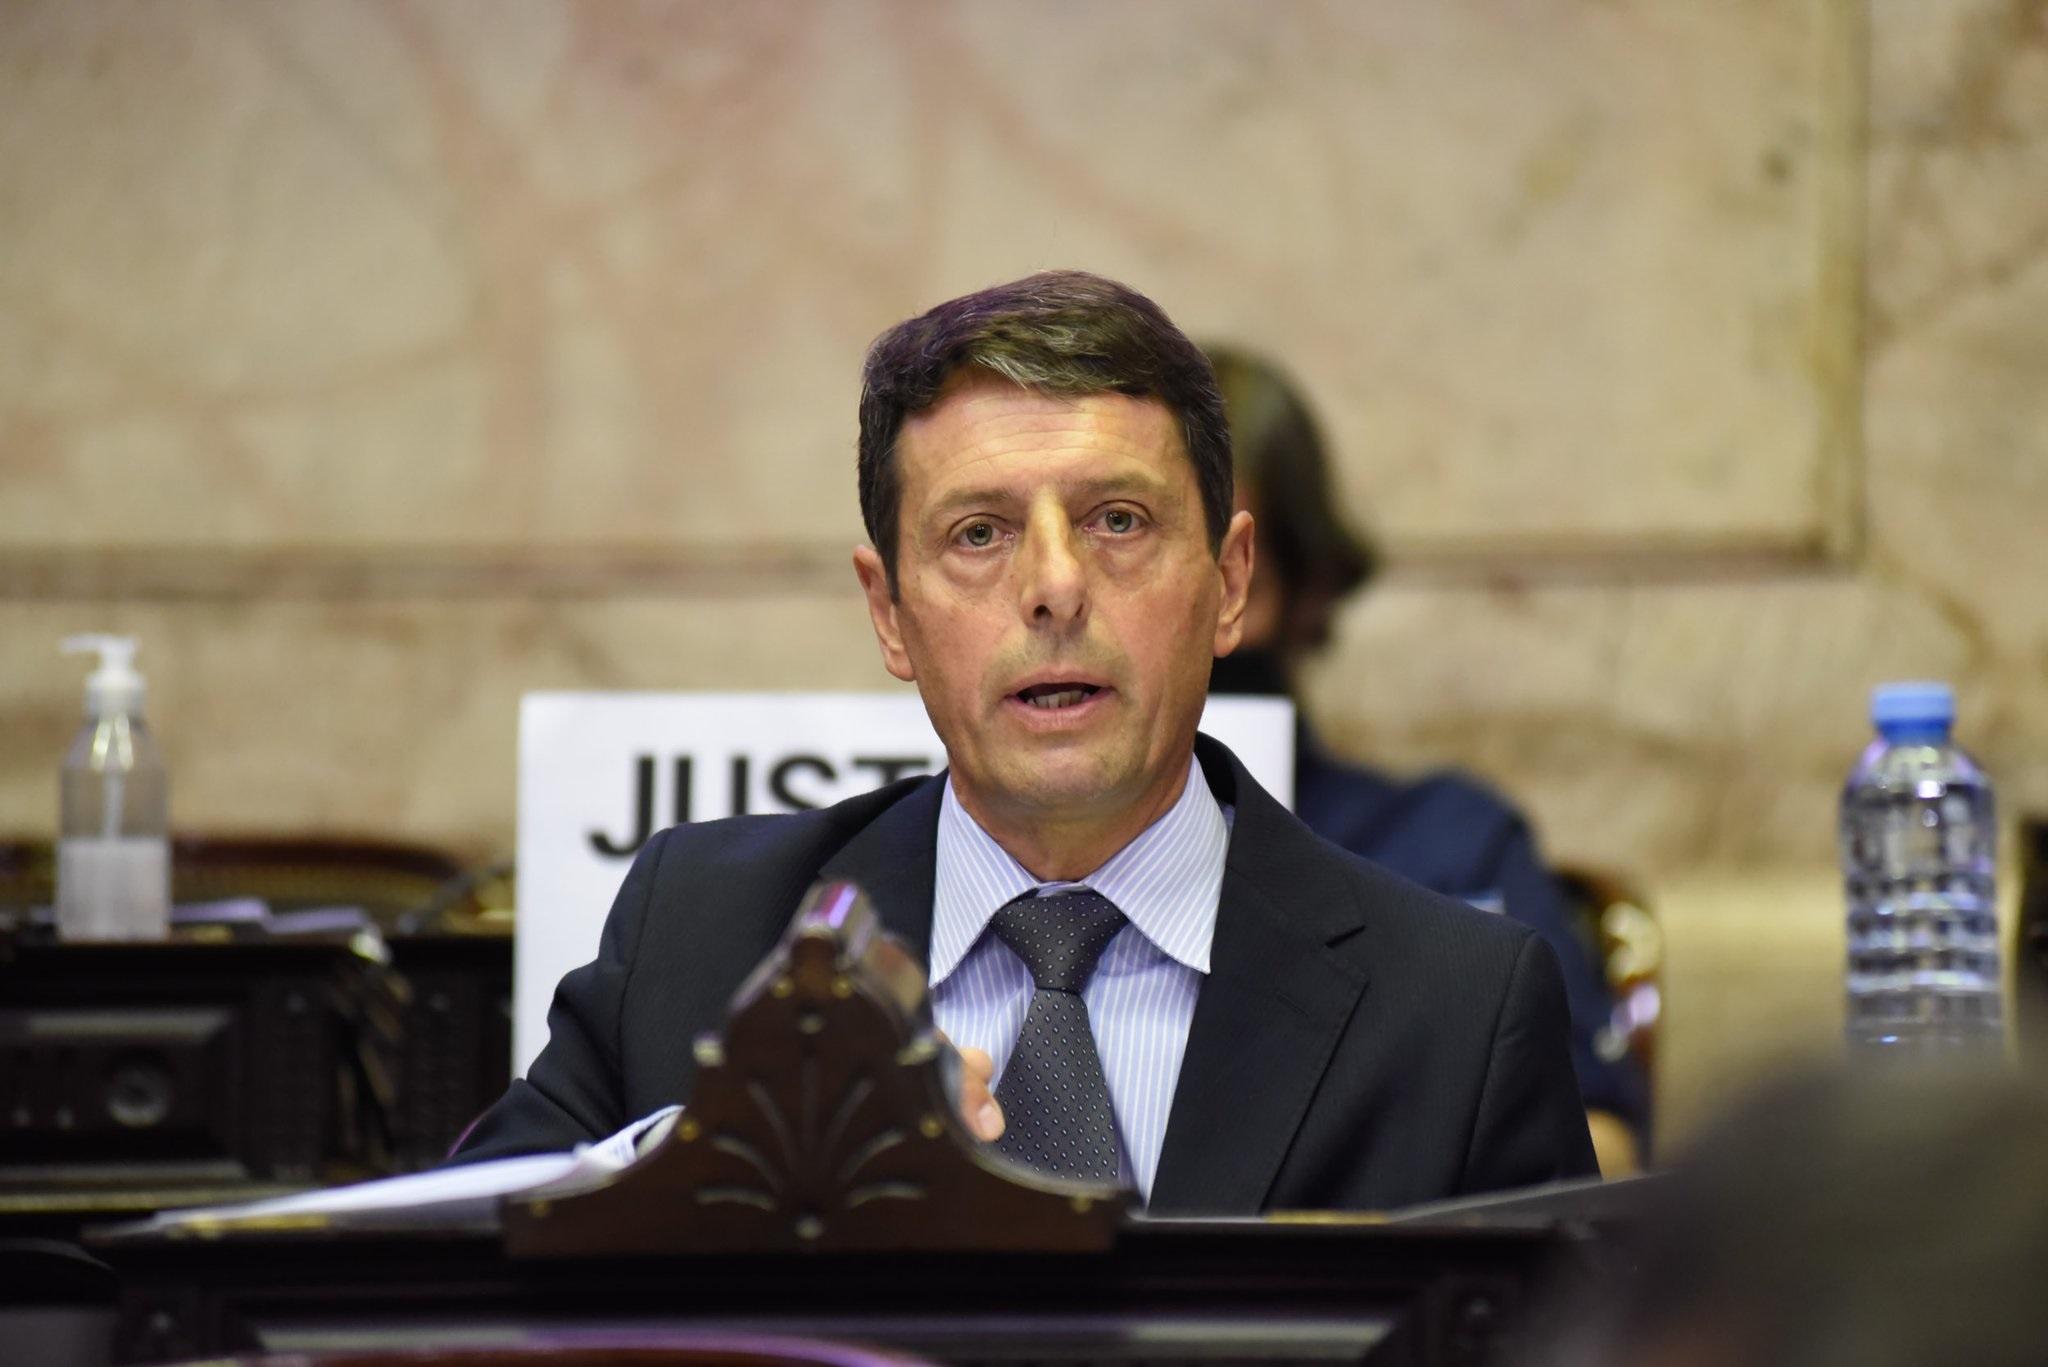 Rauschenberger aseguró que en el presupuesto 2017 estaba contemplado el acueducto a Pico pero que Macri castigó a la sociedad pampeana